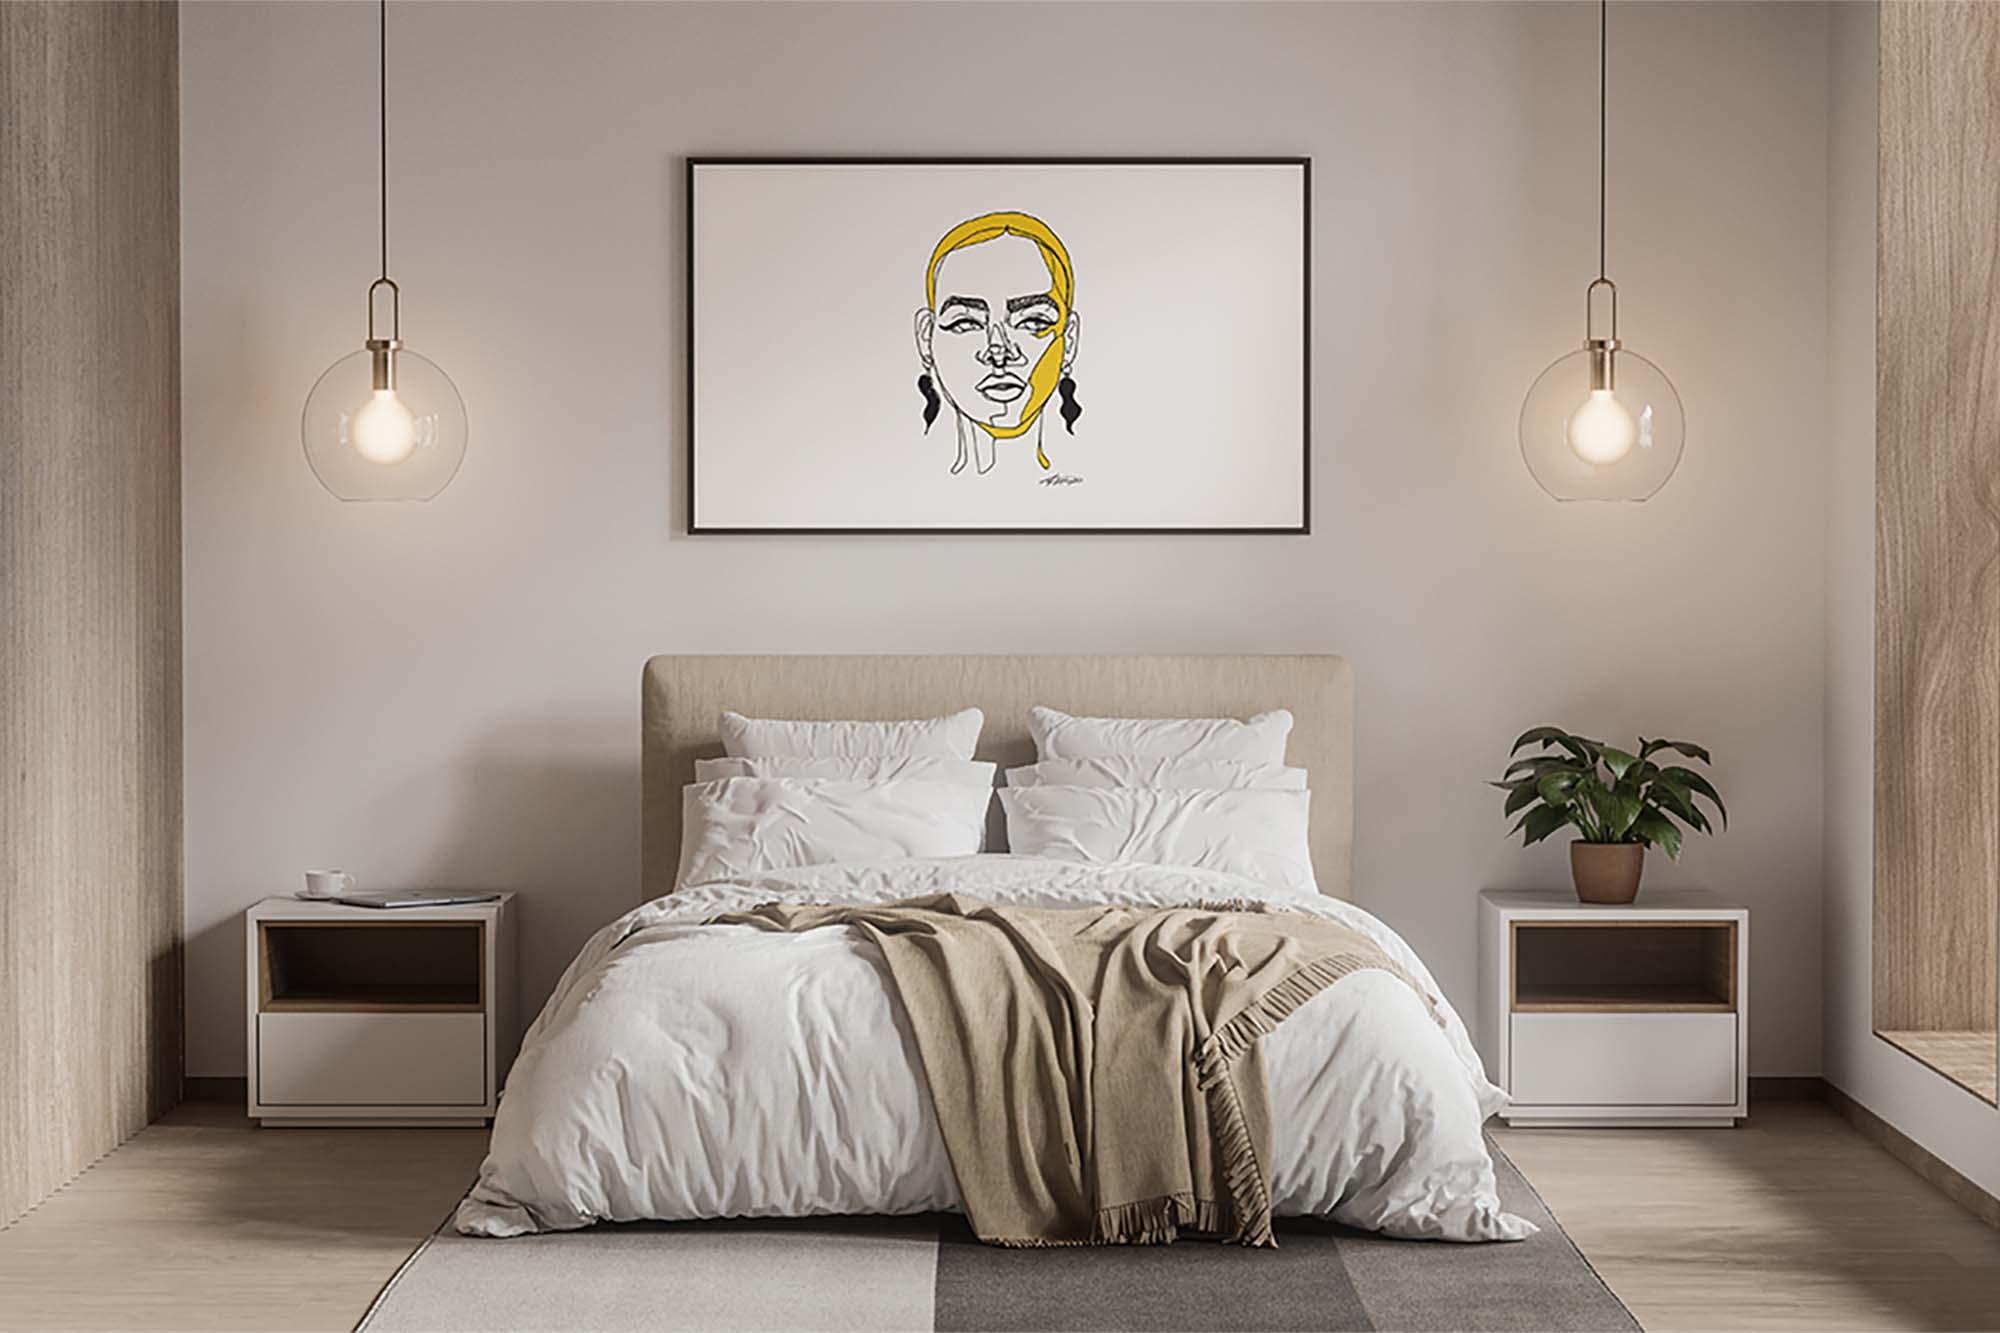 Modern Poster in Bedroom Mockup